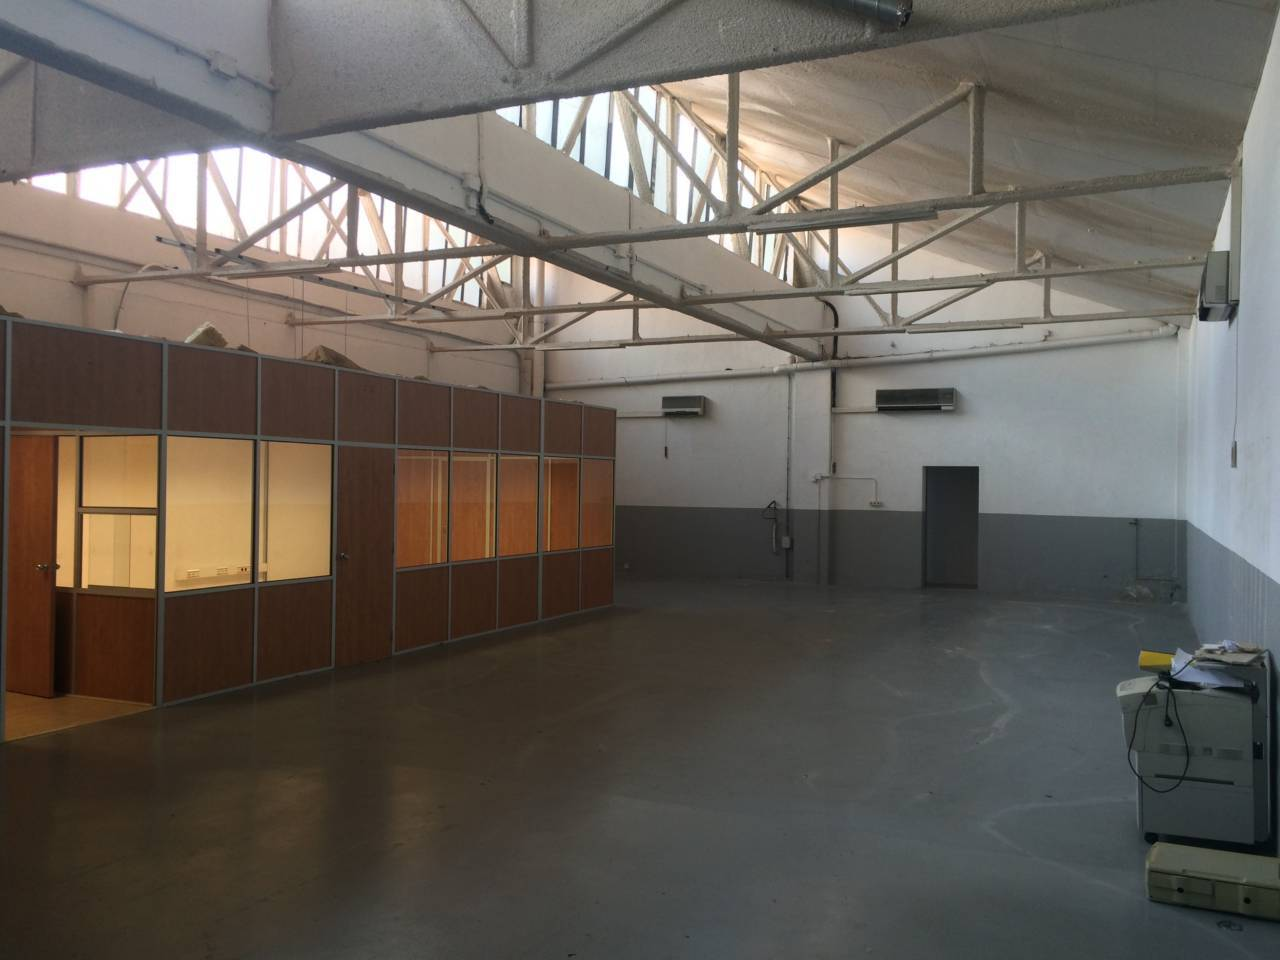 Nave Industrial En Alquiler En Pallejá – Baix Llobregat, Zona Industrial Matas